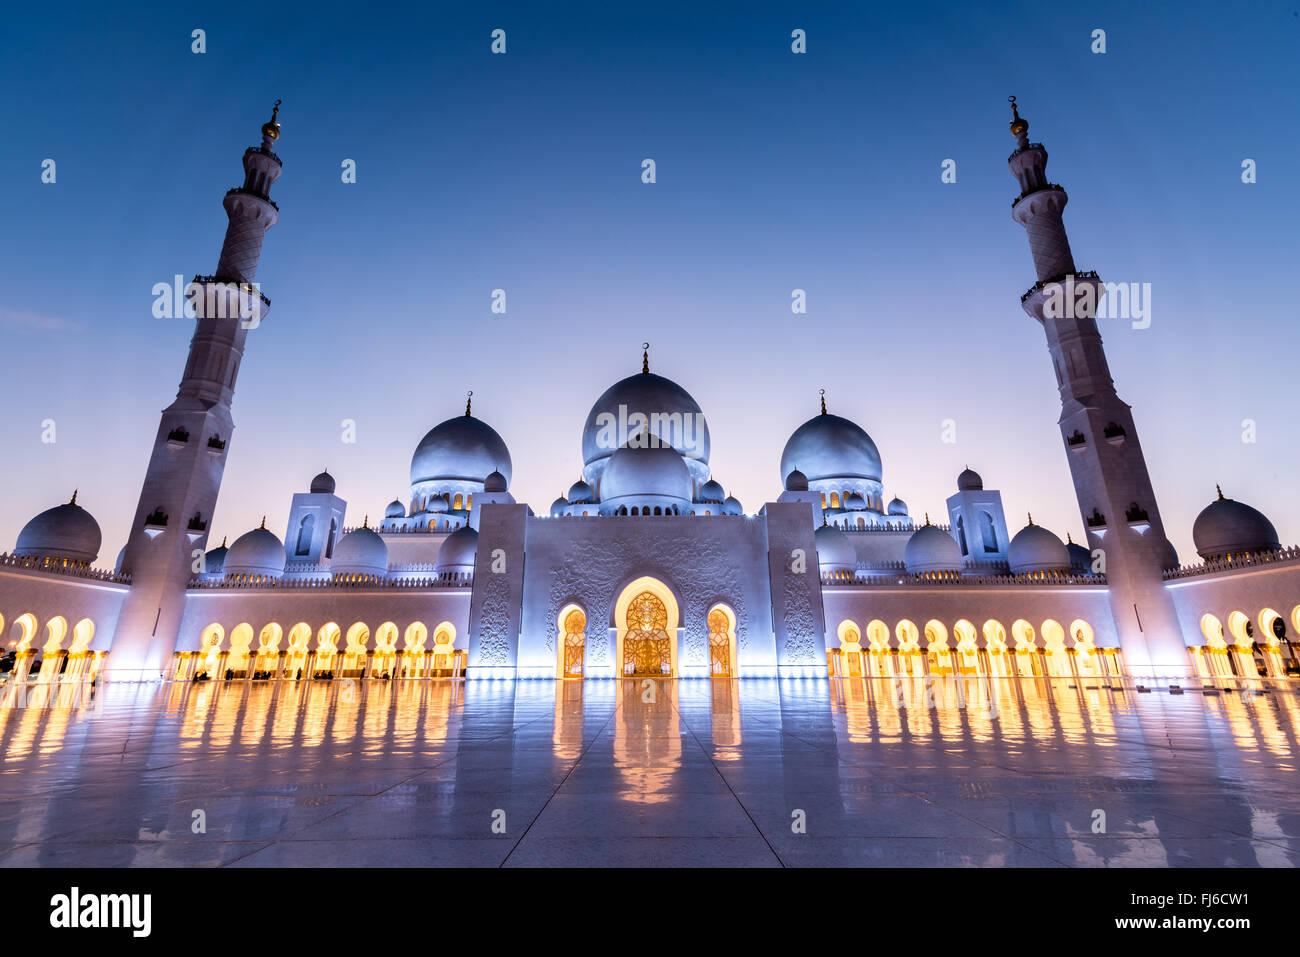 Patio de la Gran Mezquita de Sheikh Zayed en Abu Dhabi al atardecer Imagen De Stock